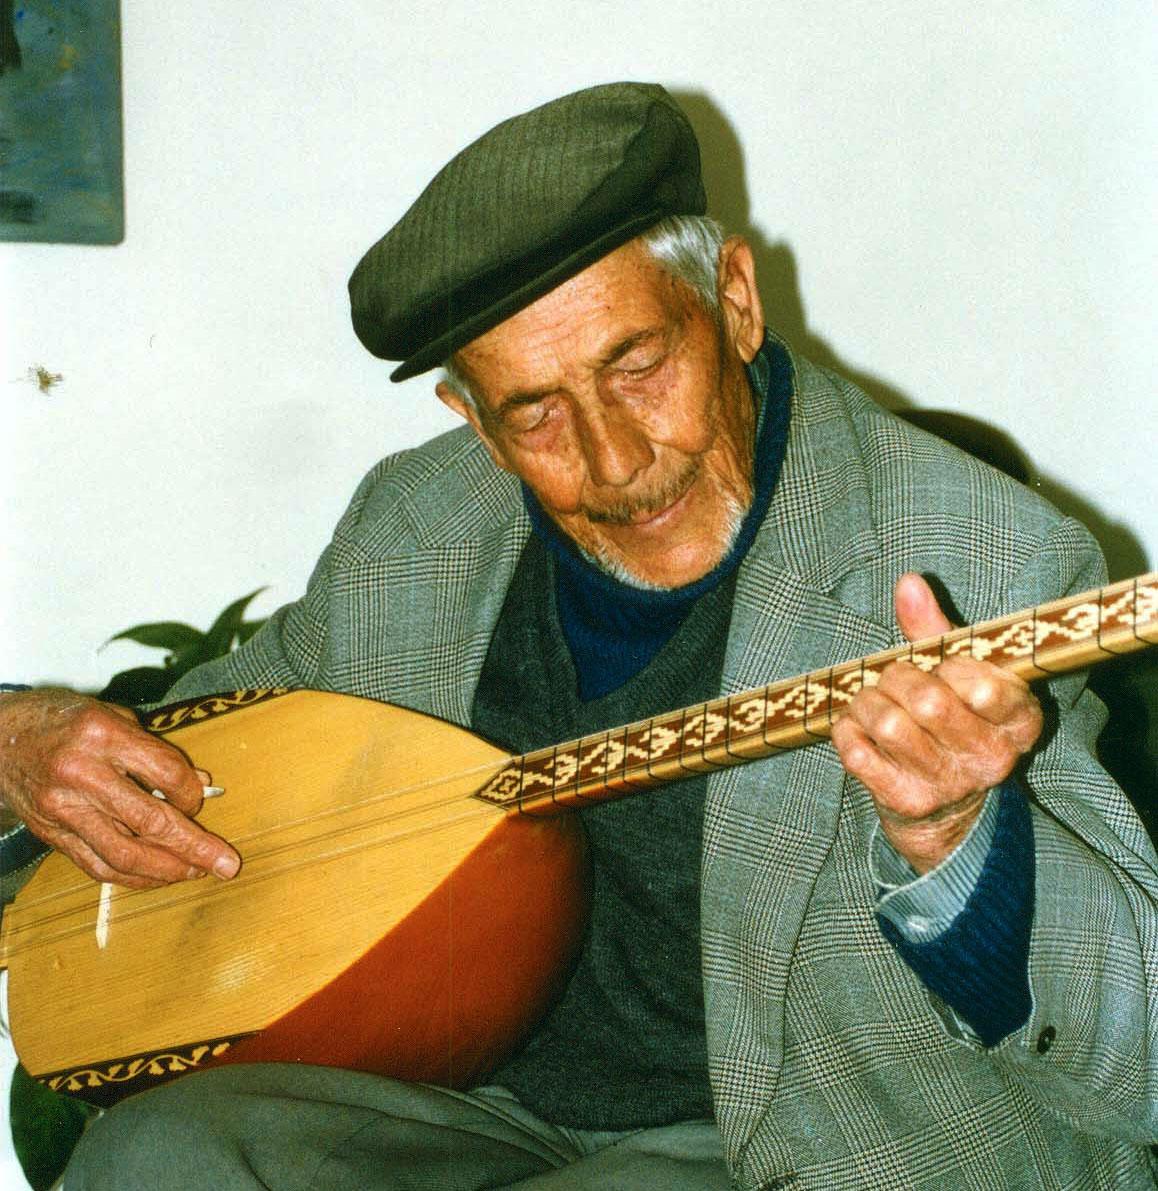 Geschichten und Kindheitserinnerungen der ältesten Bewohner Uchisars in Kappadokien, Türkei